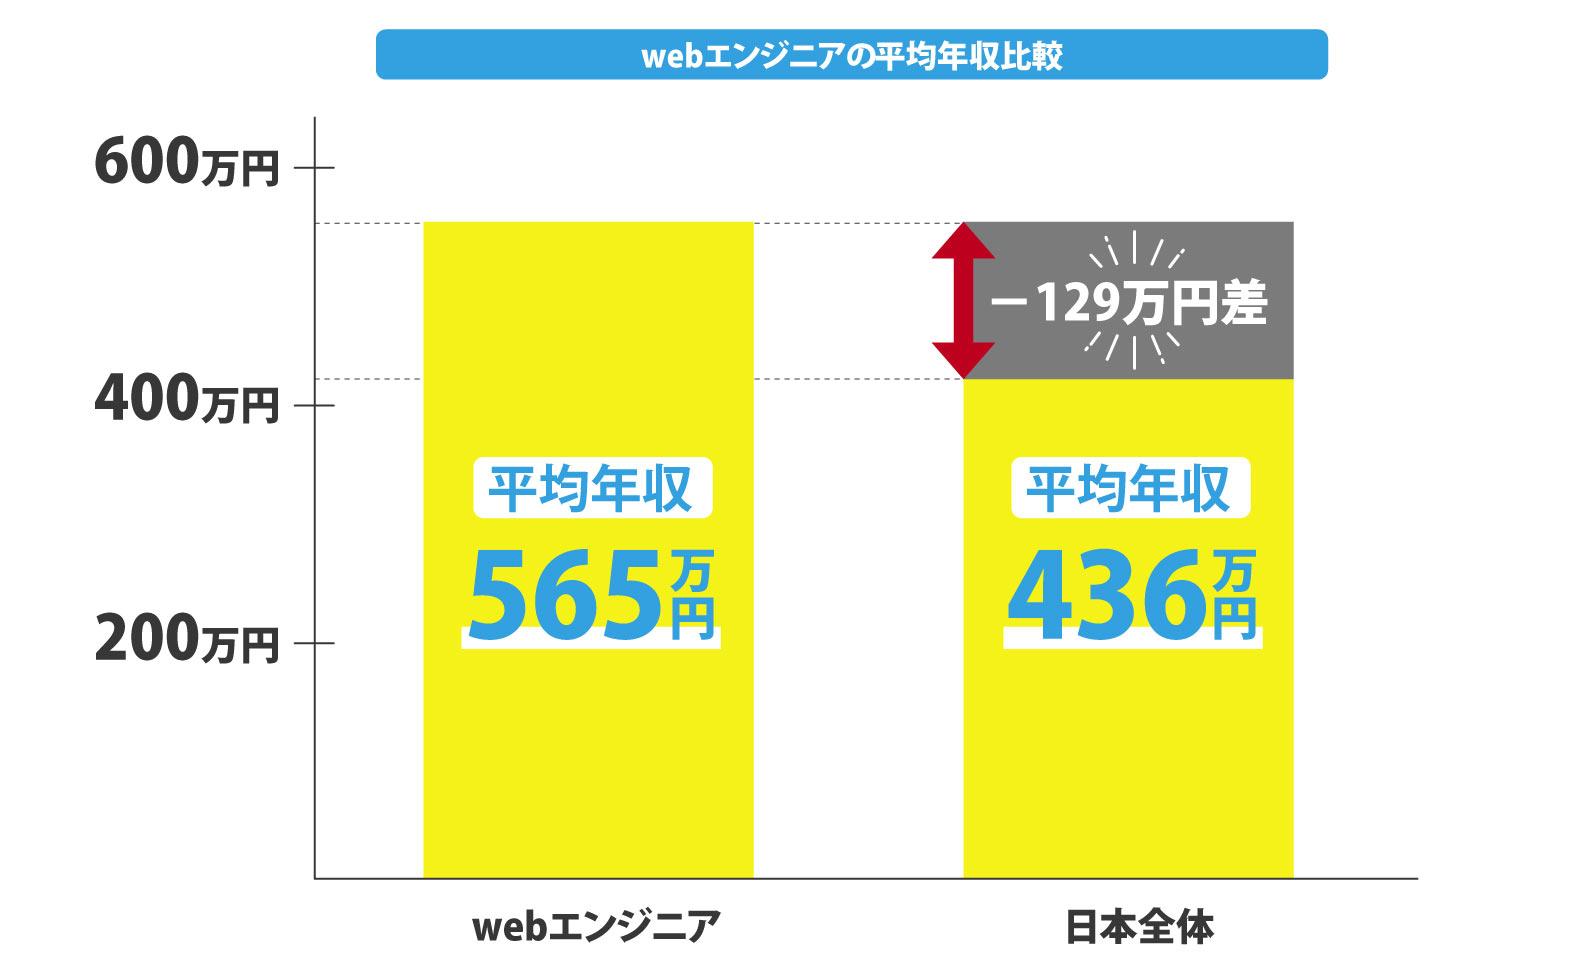 webエンジニアの平均年収比較